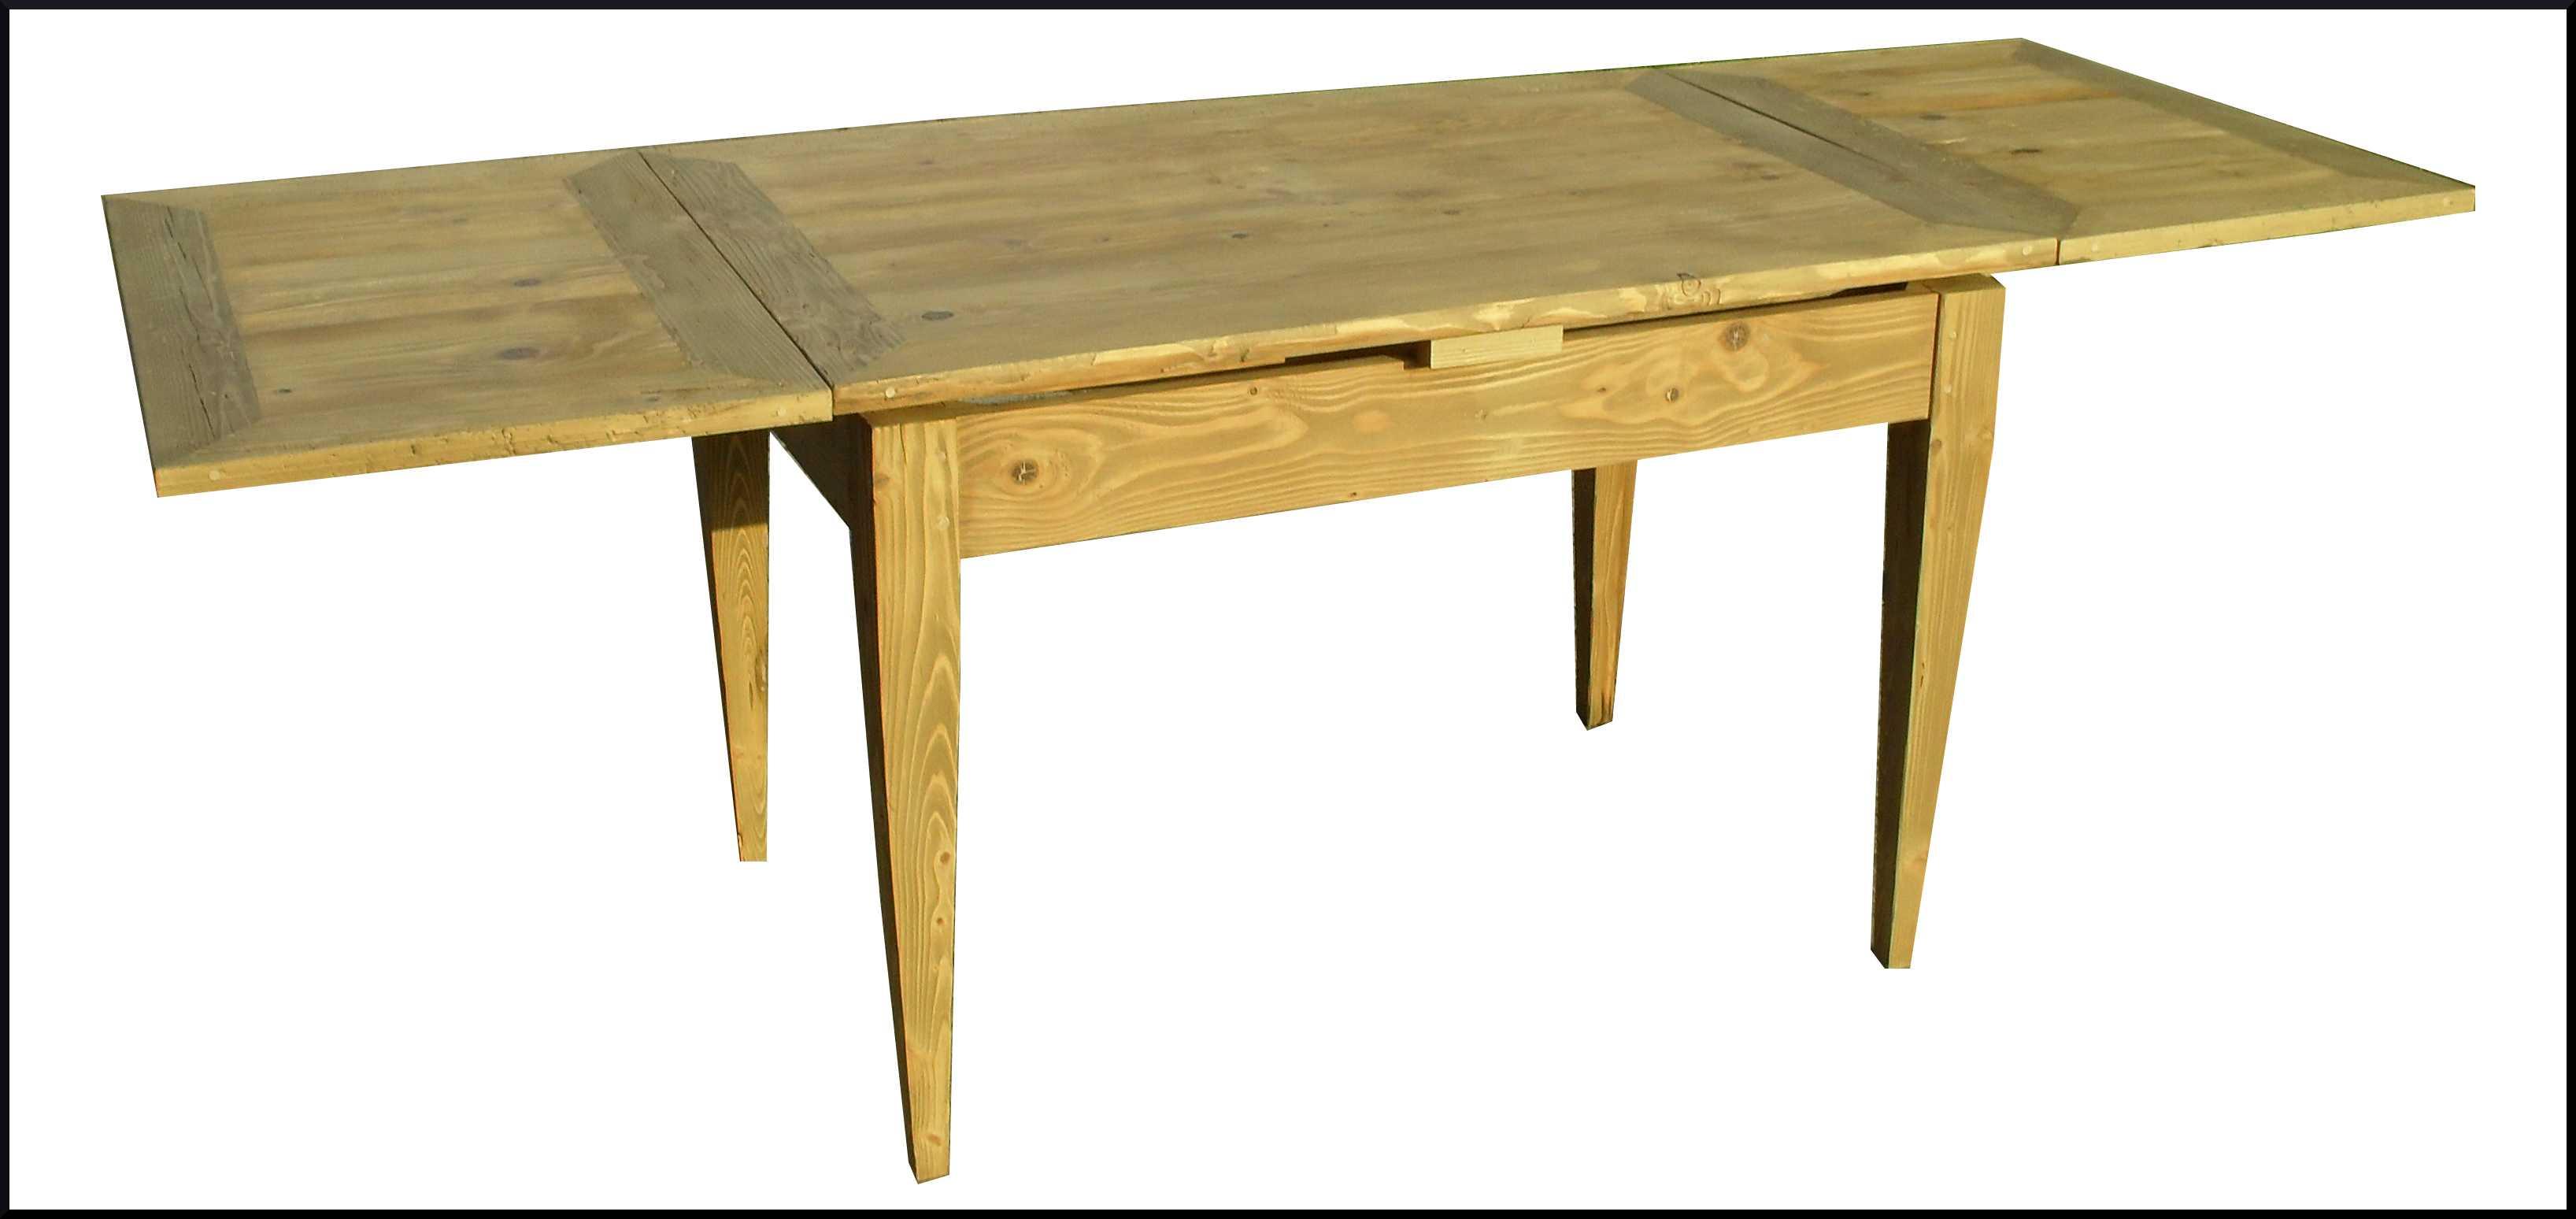 Obi lade da tavolo lade da tavolo illuminazione for Obi tavoli giardino